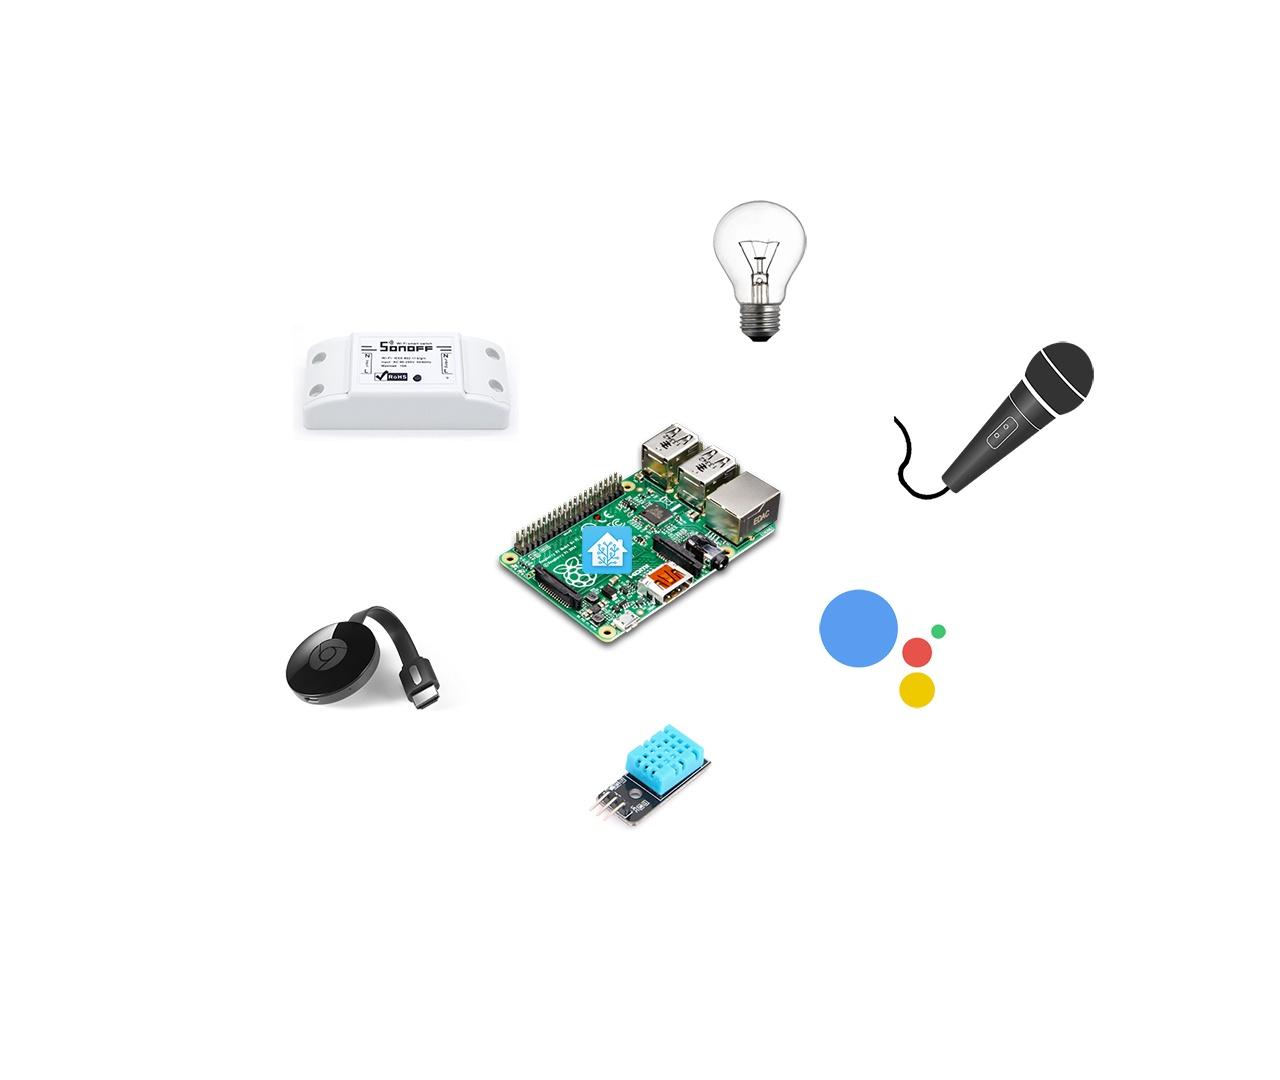 [GUIDA – Parte 10] Esperienza di domotica: Flashare firmware Tasmota su Sonoff con FTDI (TTL to USB) o Arduino